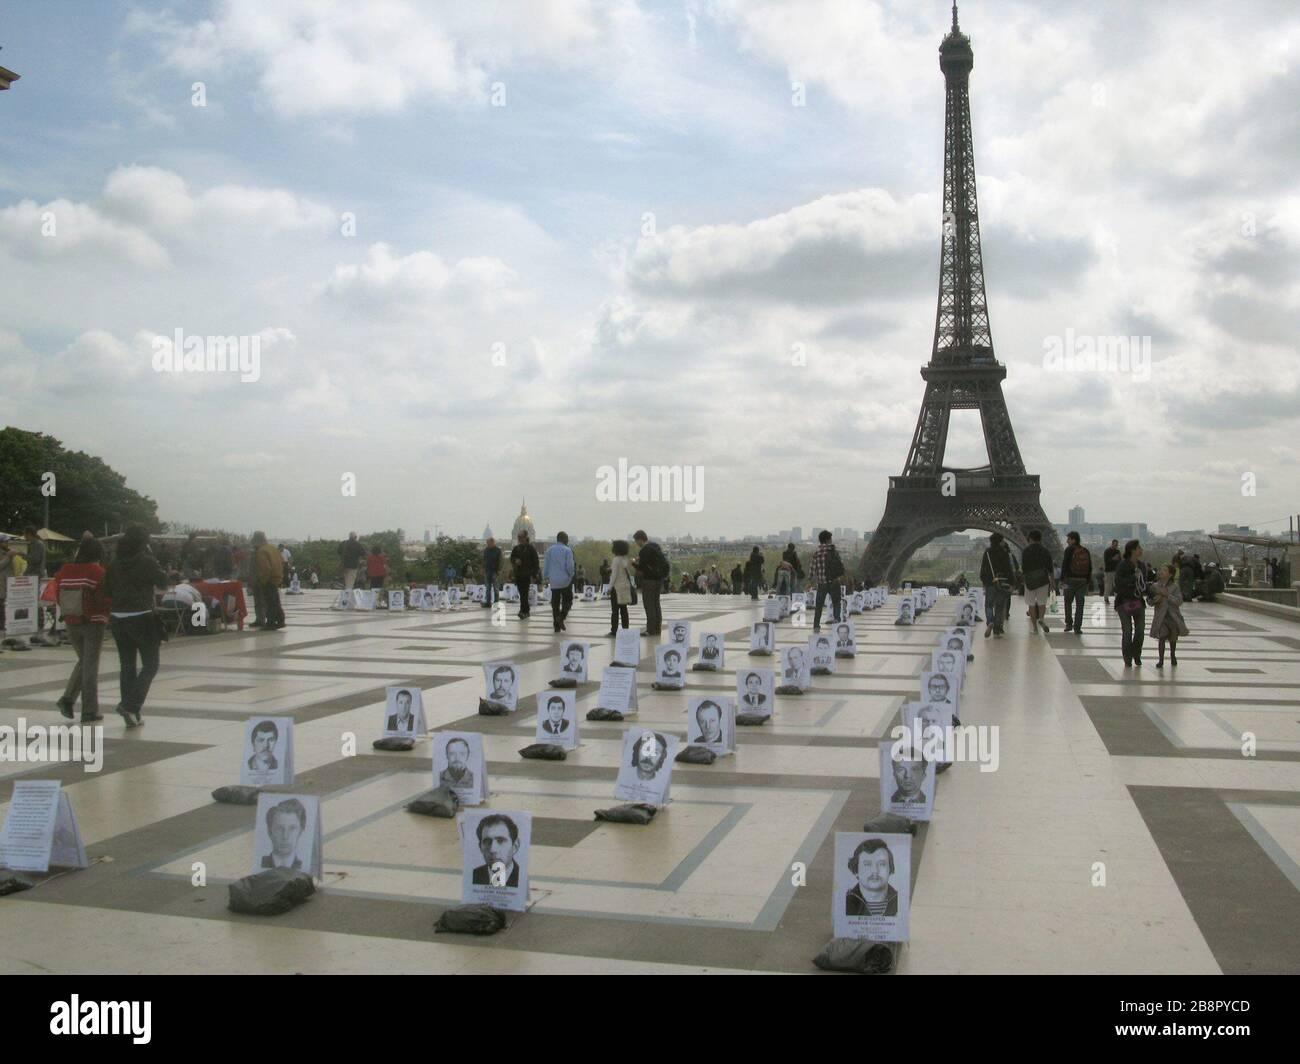 """""""Français: Manifestation de Independent WHO sur le parvis des droits de l'homme à Paris le 26 avril 2010. Avec des portraits de liquidateurs de la catastrophe de Tchernobyl.; importé dans Commons ce 26 avril 2011; Wikipédia russe [1]; importé par MHM (talk) - original: Yaser1; """" Stock Photo"""